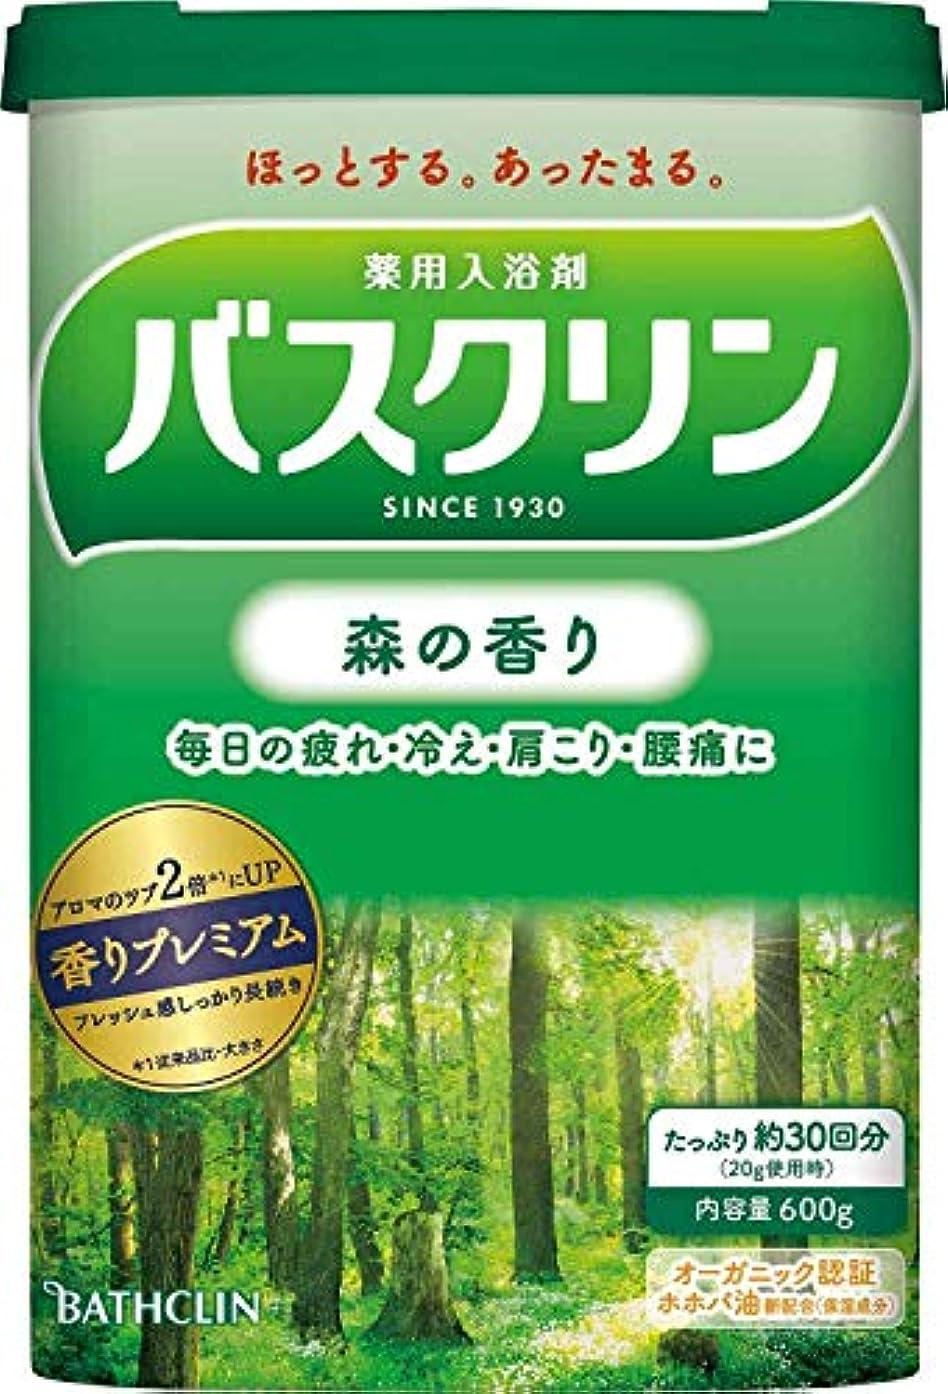 グリップ刺激する乳【医薬部外品】バスクリン森の香り600g入浴剤(約30回分)